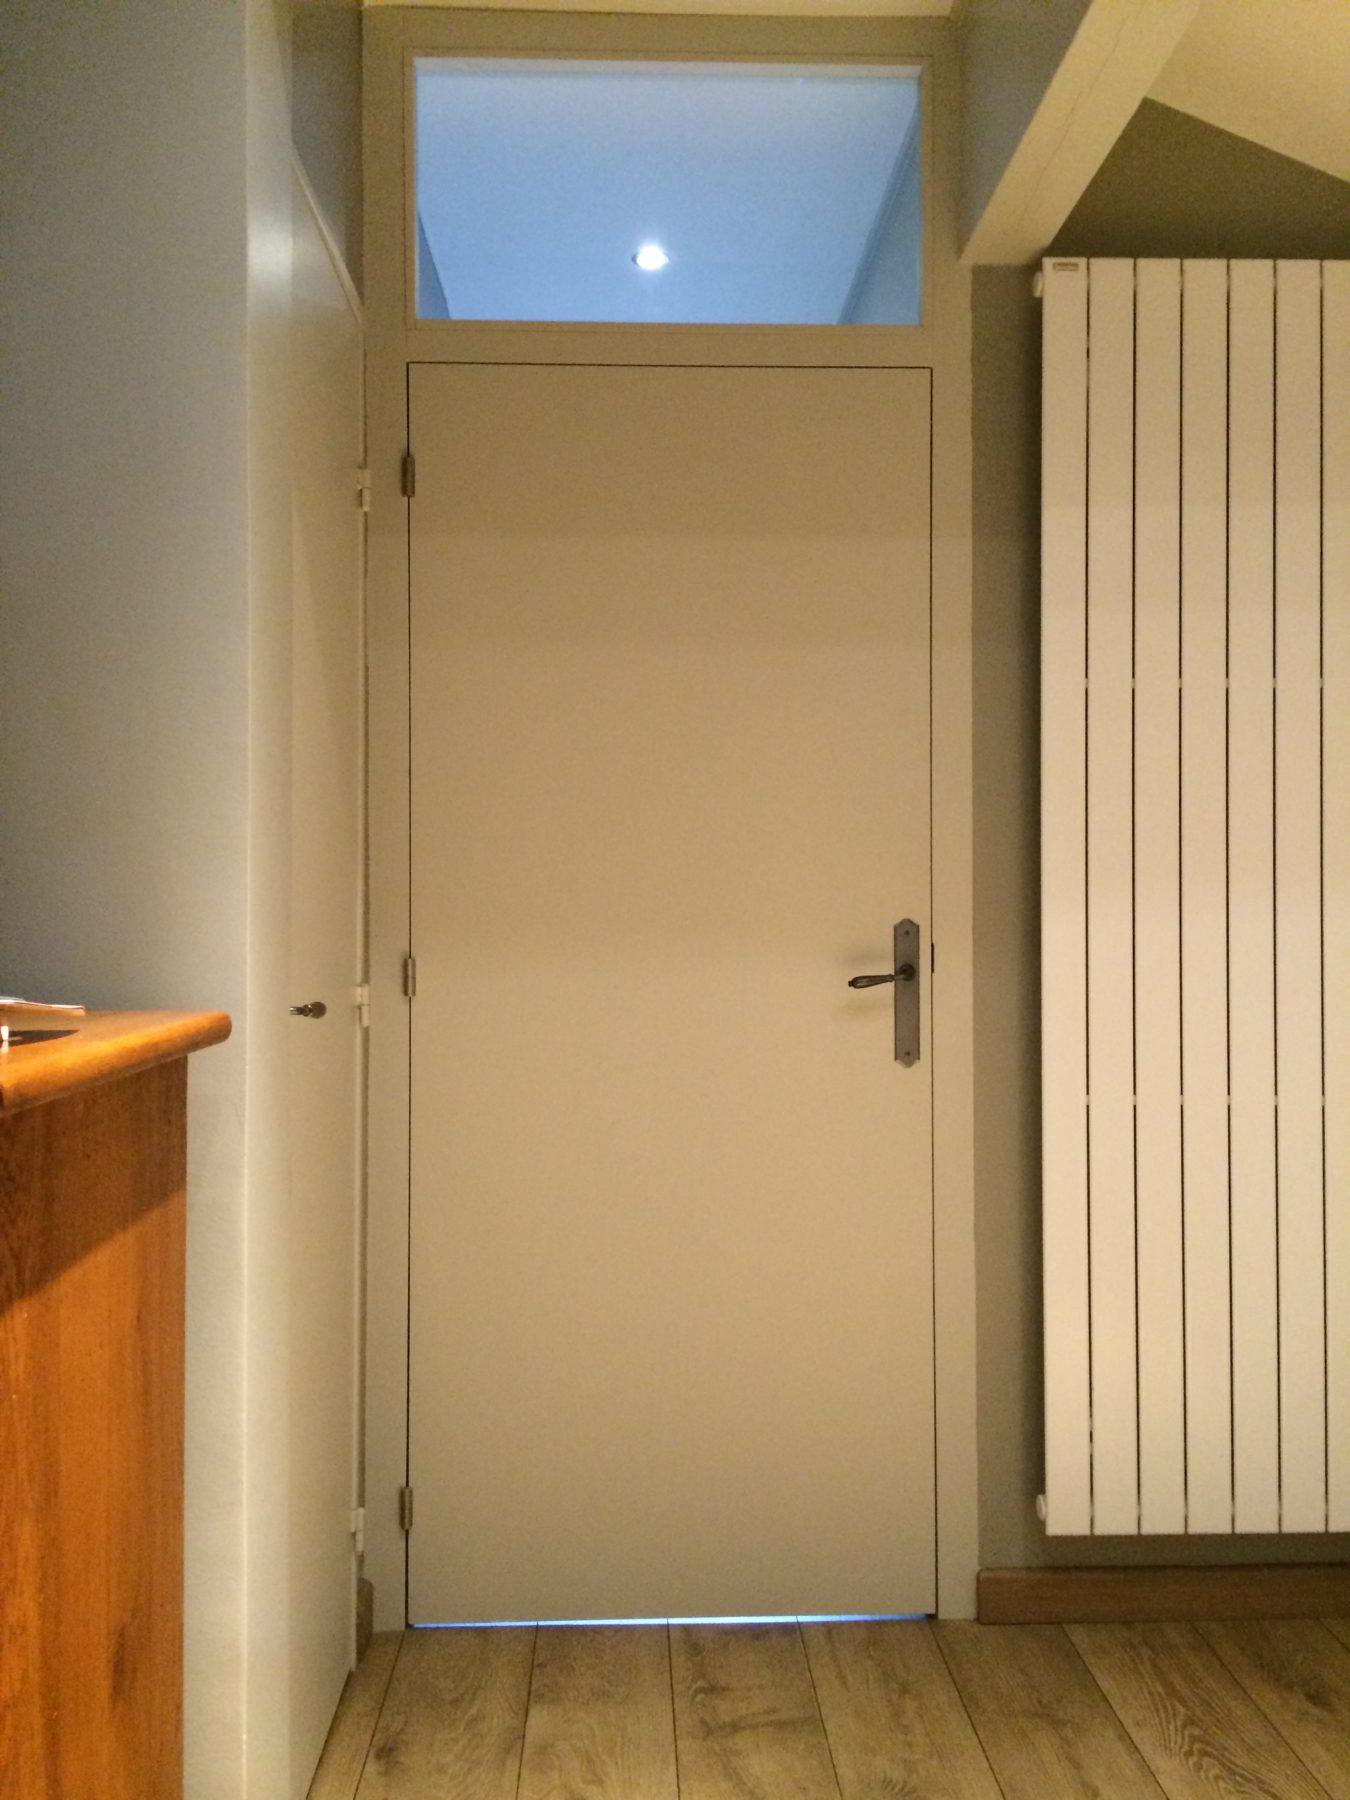 Porte De Chambre Avec Vitre porte de chambre avec attique vitrée - ap design